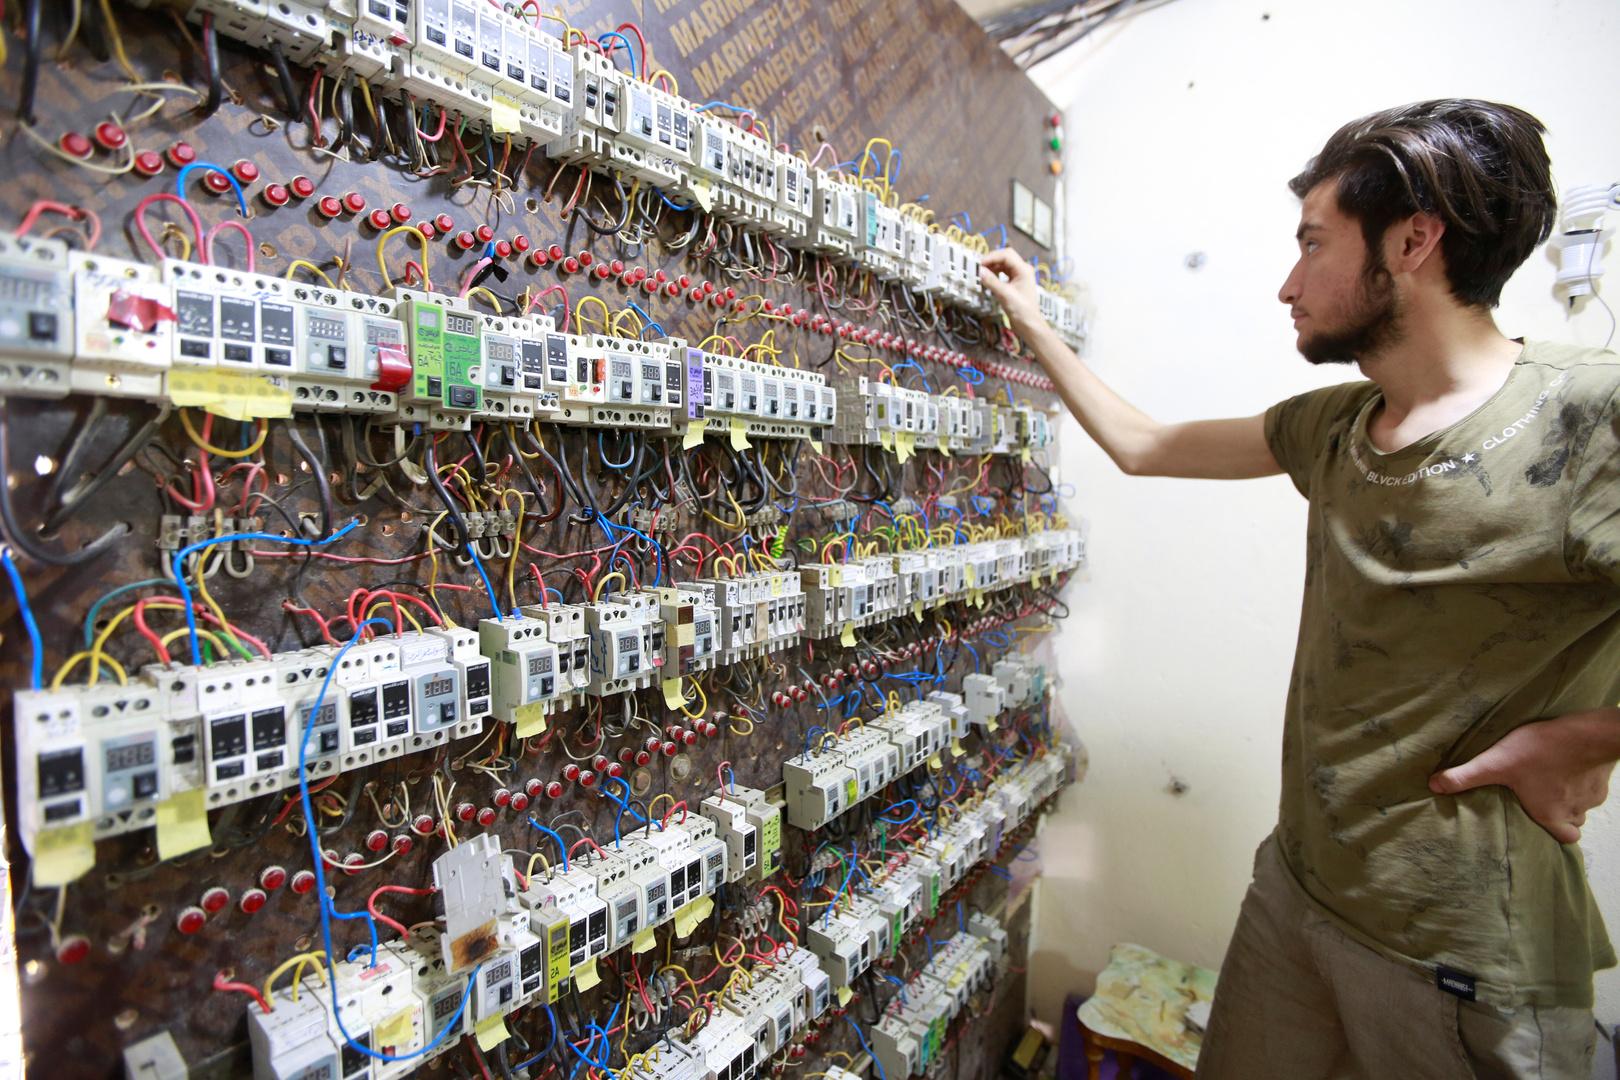 إيران والعراق.. إبرام عقدين وتسوية مستحقات توريد الكهرباء